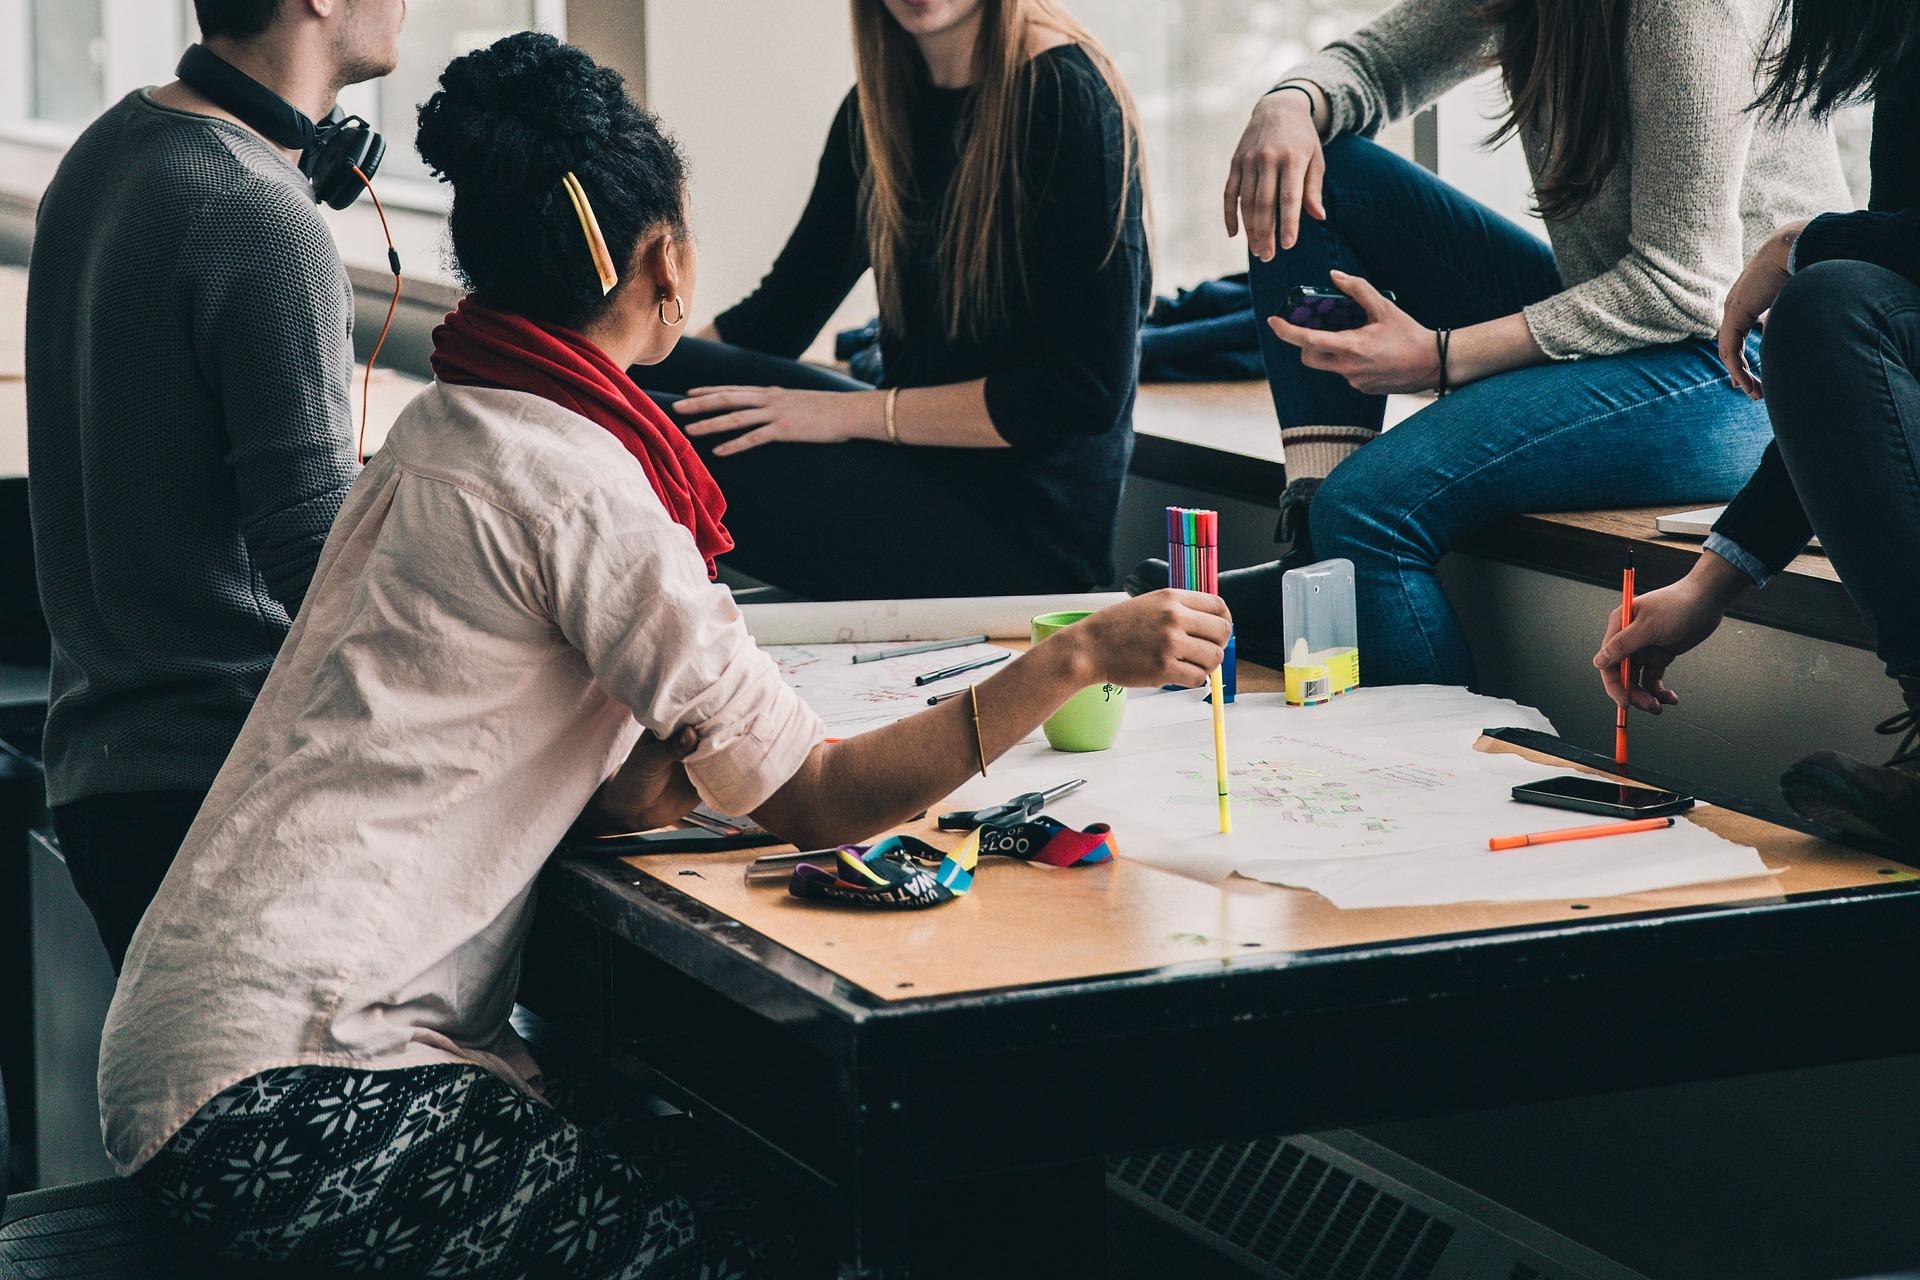 Gruppenarbeit im Studium: Probleme sind vorprogrammiert